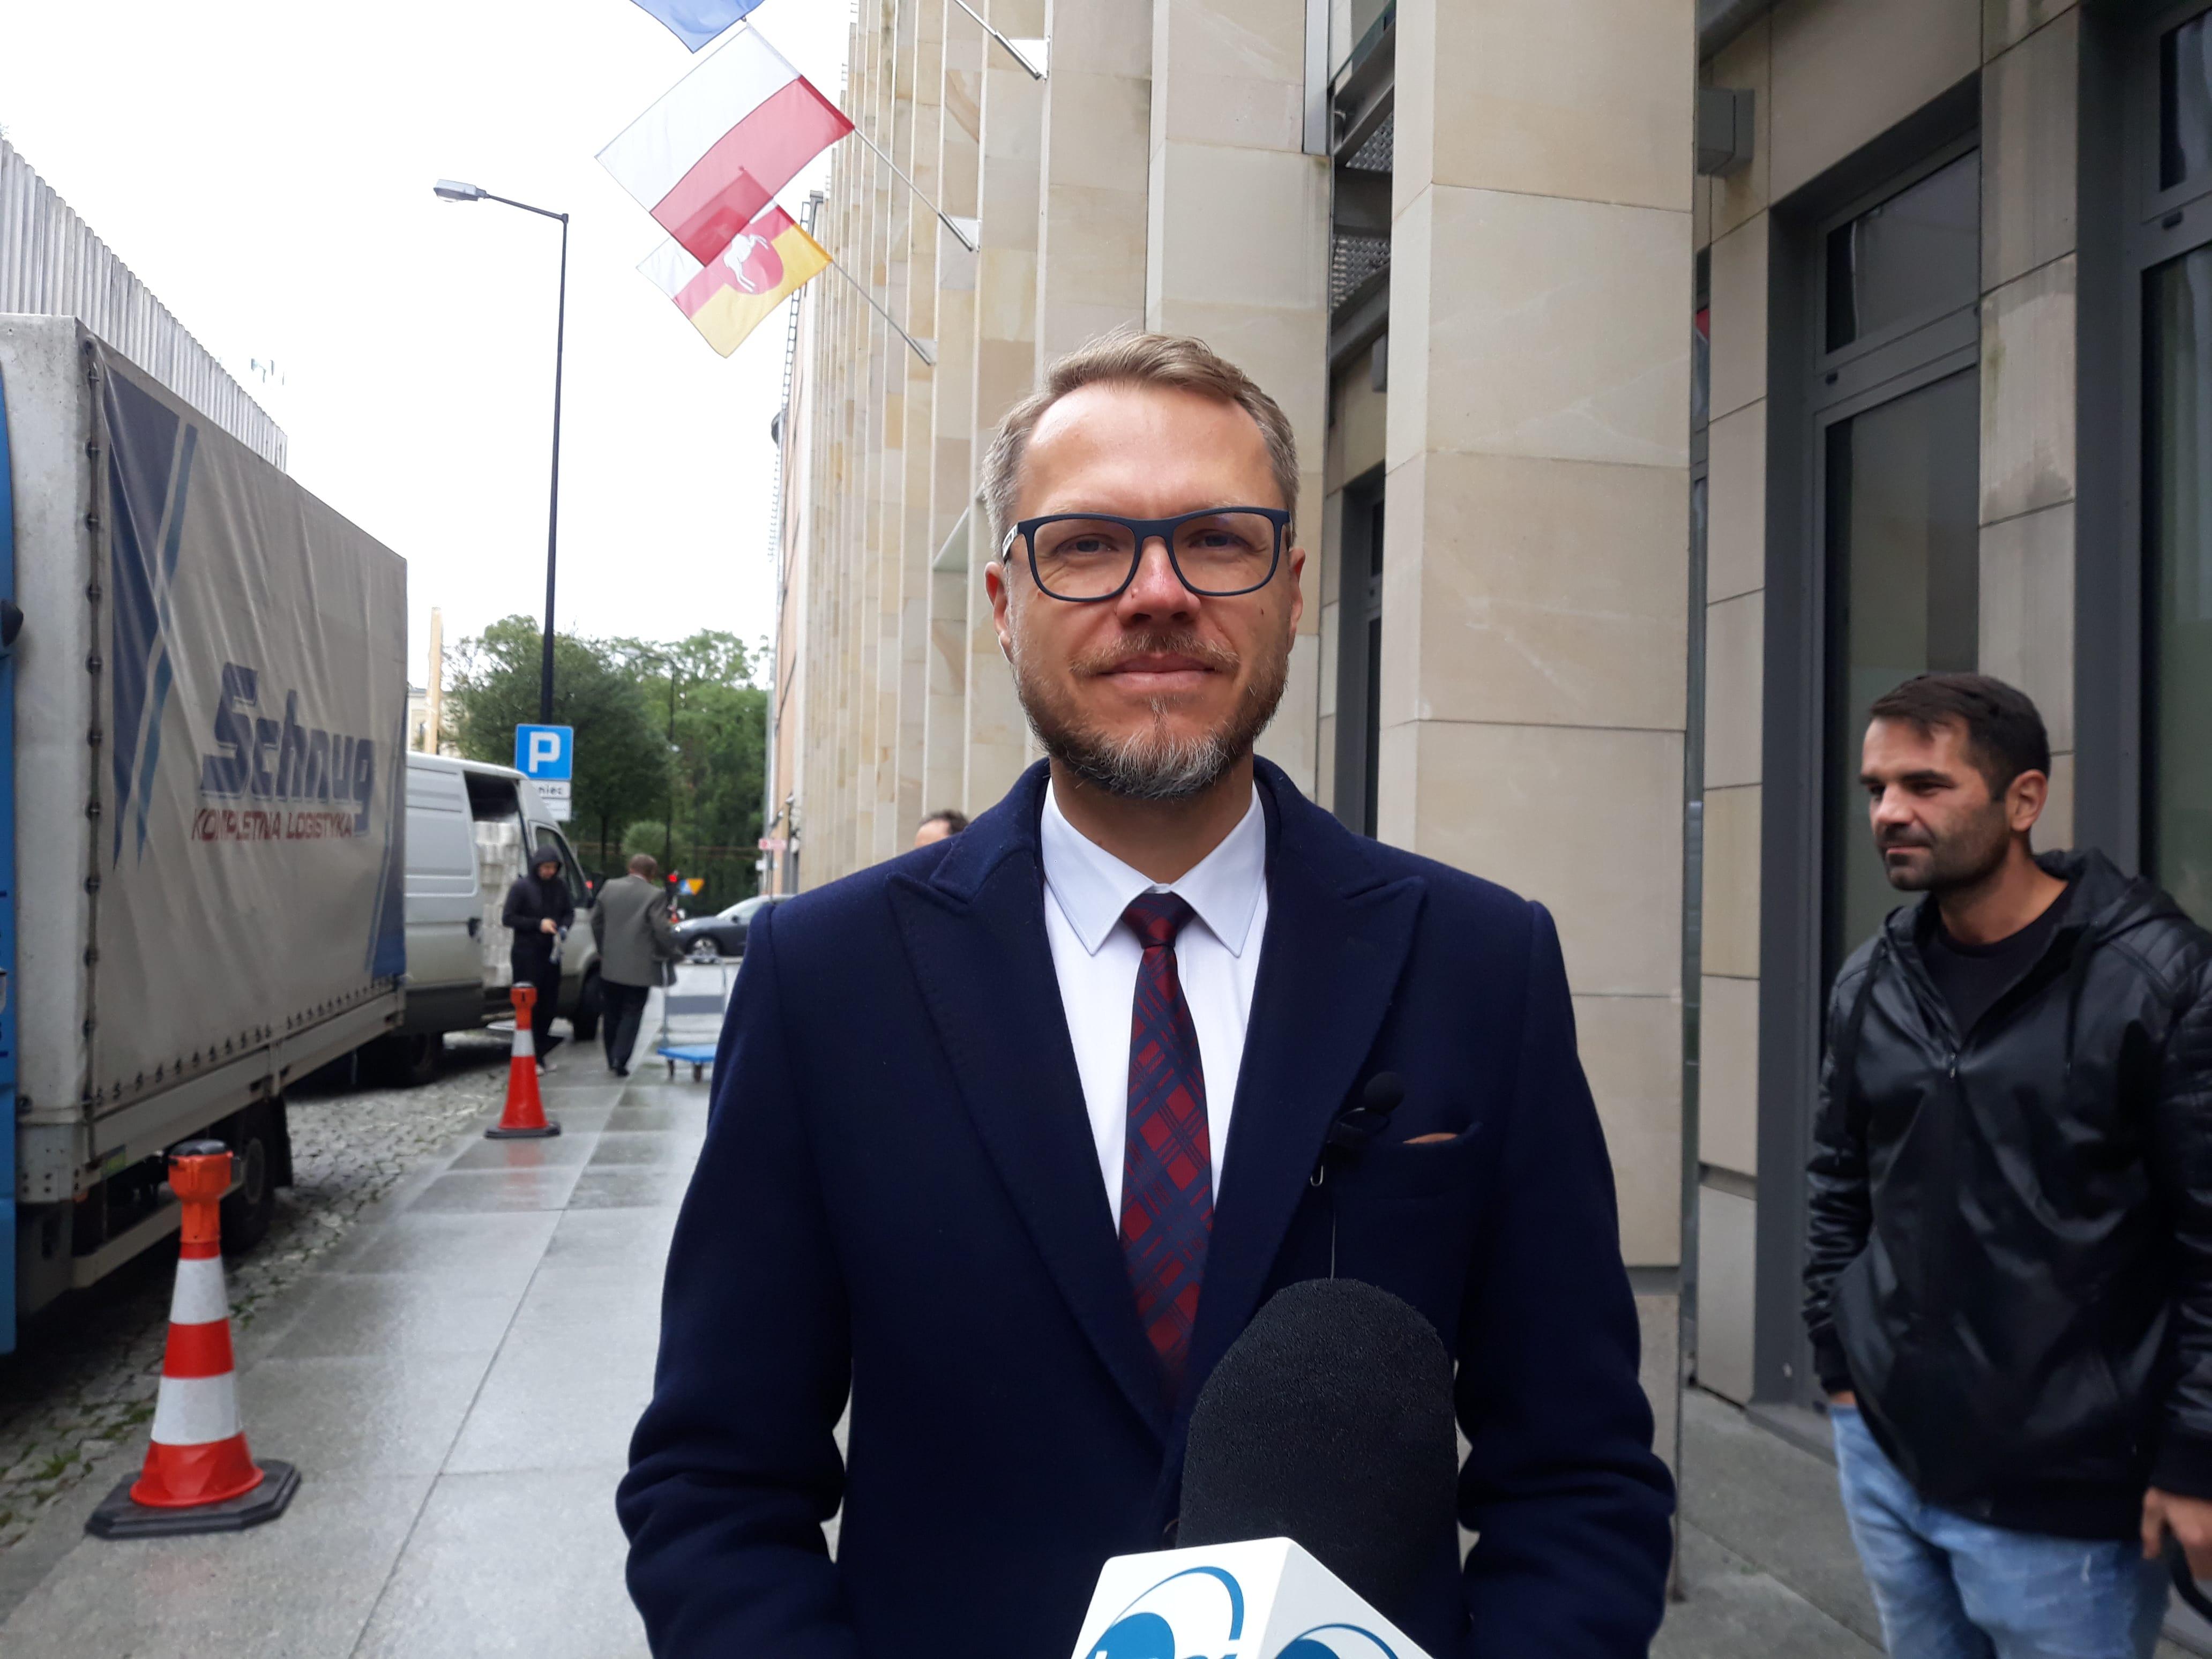 """Województwo lubelskie: Opozycja znów chce uchylenia uchwały """"anty LGBT"""". Poseł Krawczyk: Fundamentalizm polityków PiS jest jak bielmo na ich oczach [WIDEO] - Zdjęcie główne"""